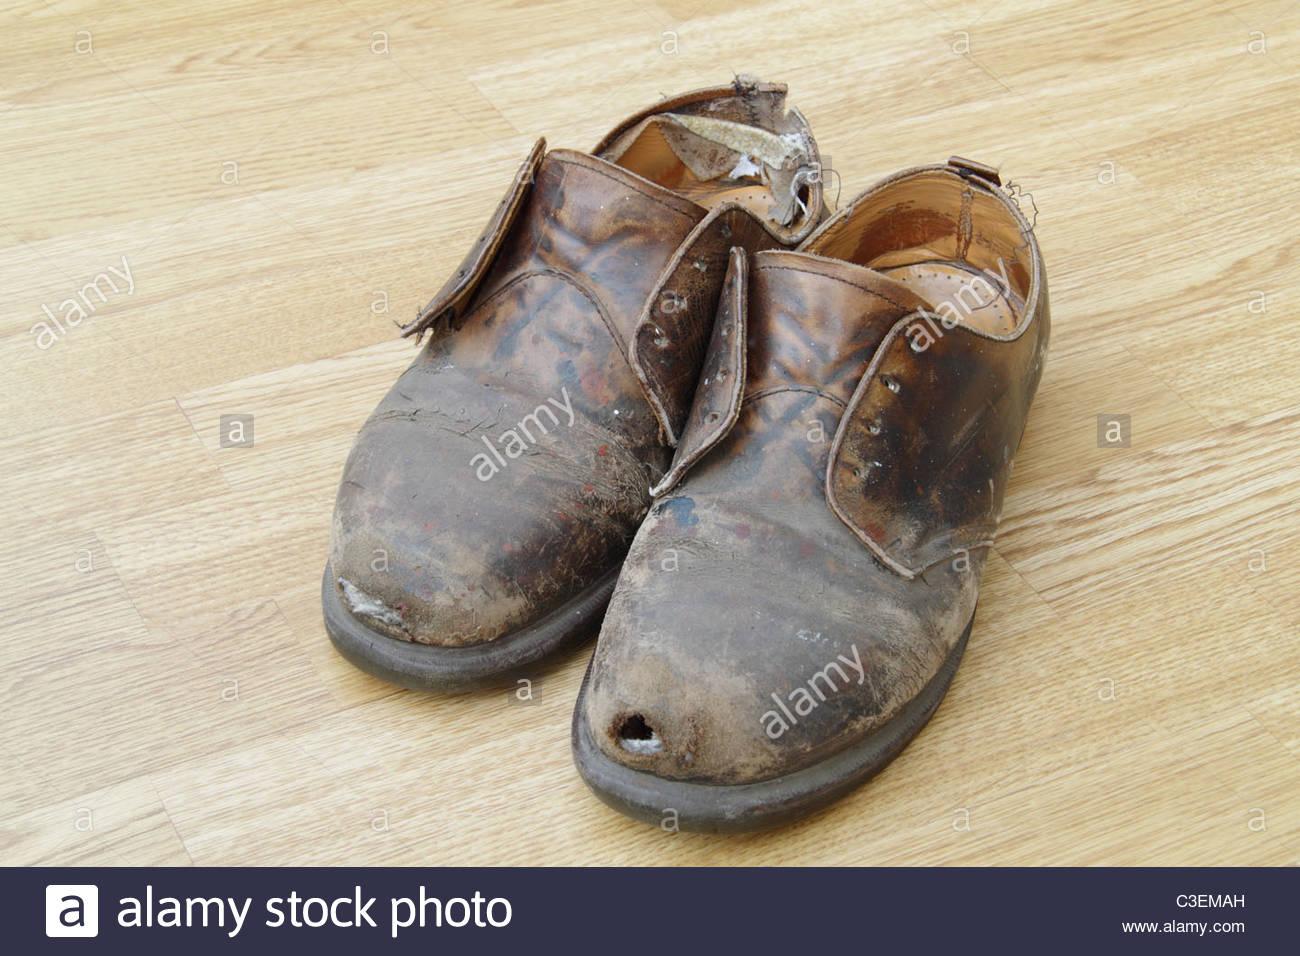 8a465675dc32e7 Vieilles chaussures Dr Martens Banque D'Images, Photo Stock ...